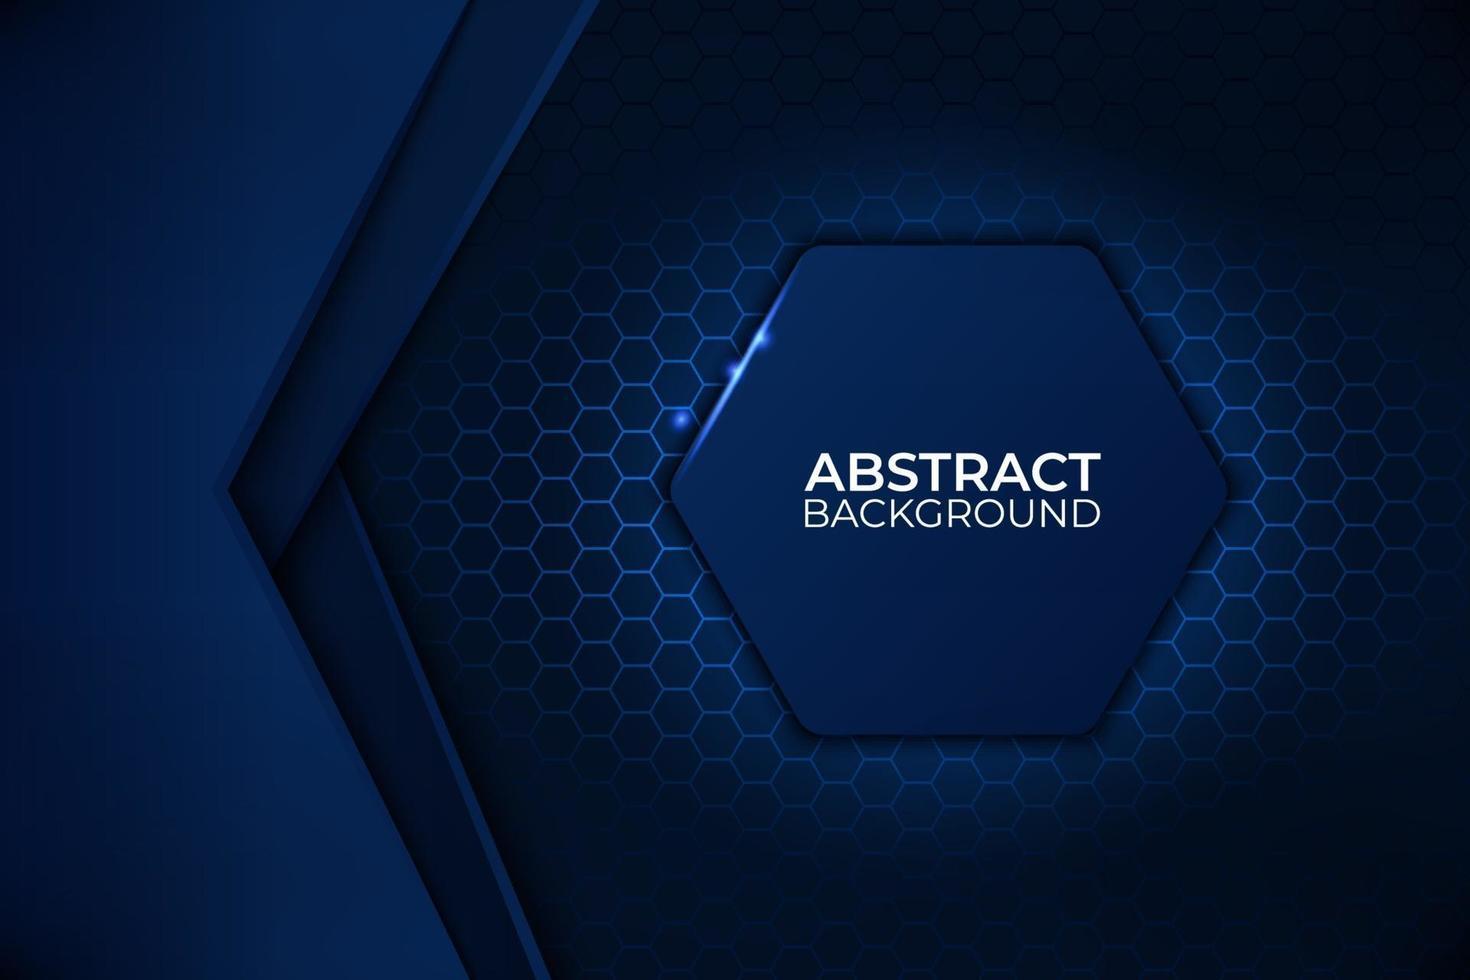 conception de fond abstrait noir et bleu, modèle d'entreprise de technologie. vecteur